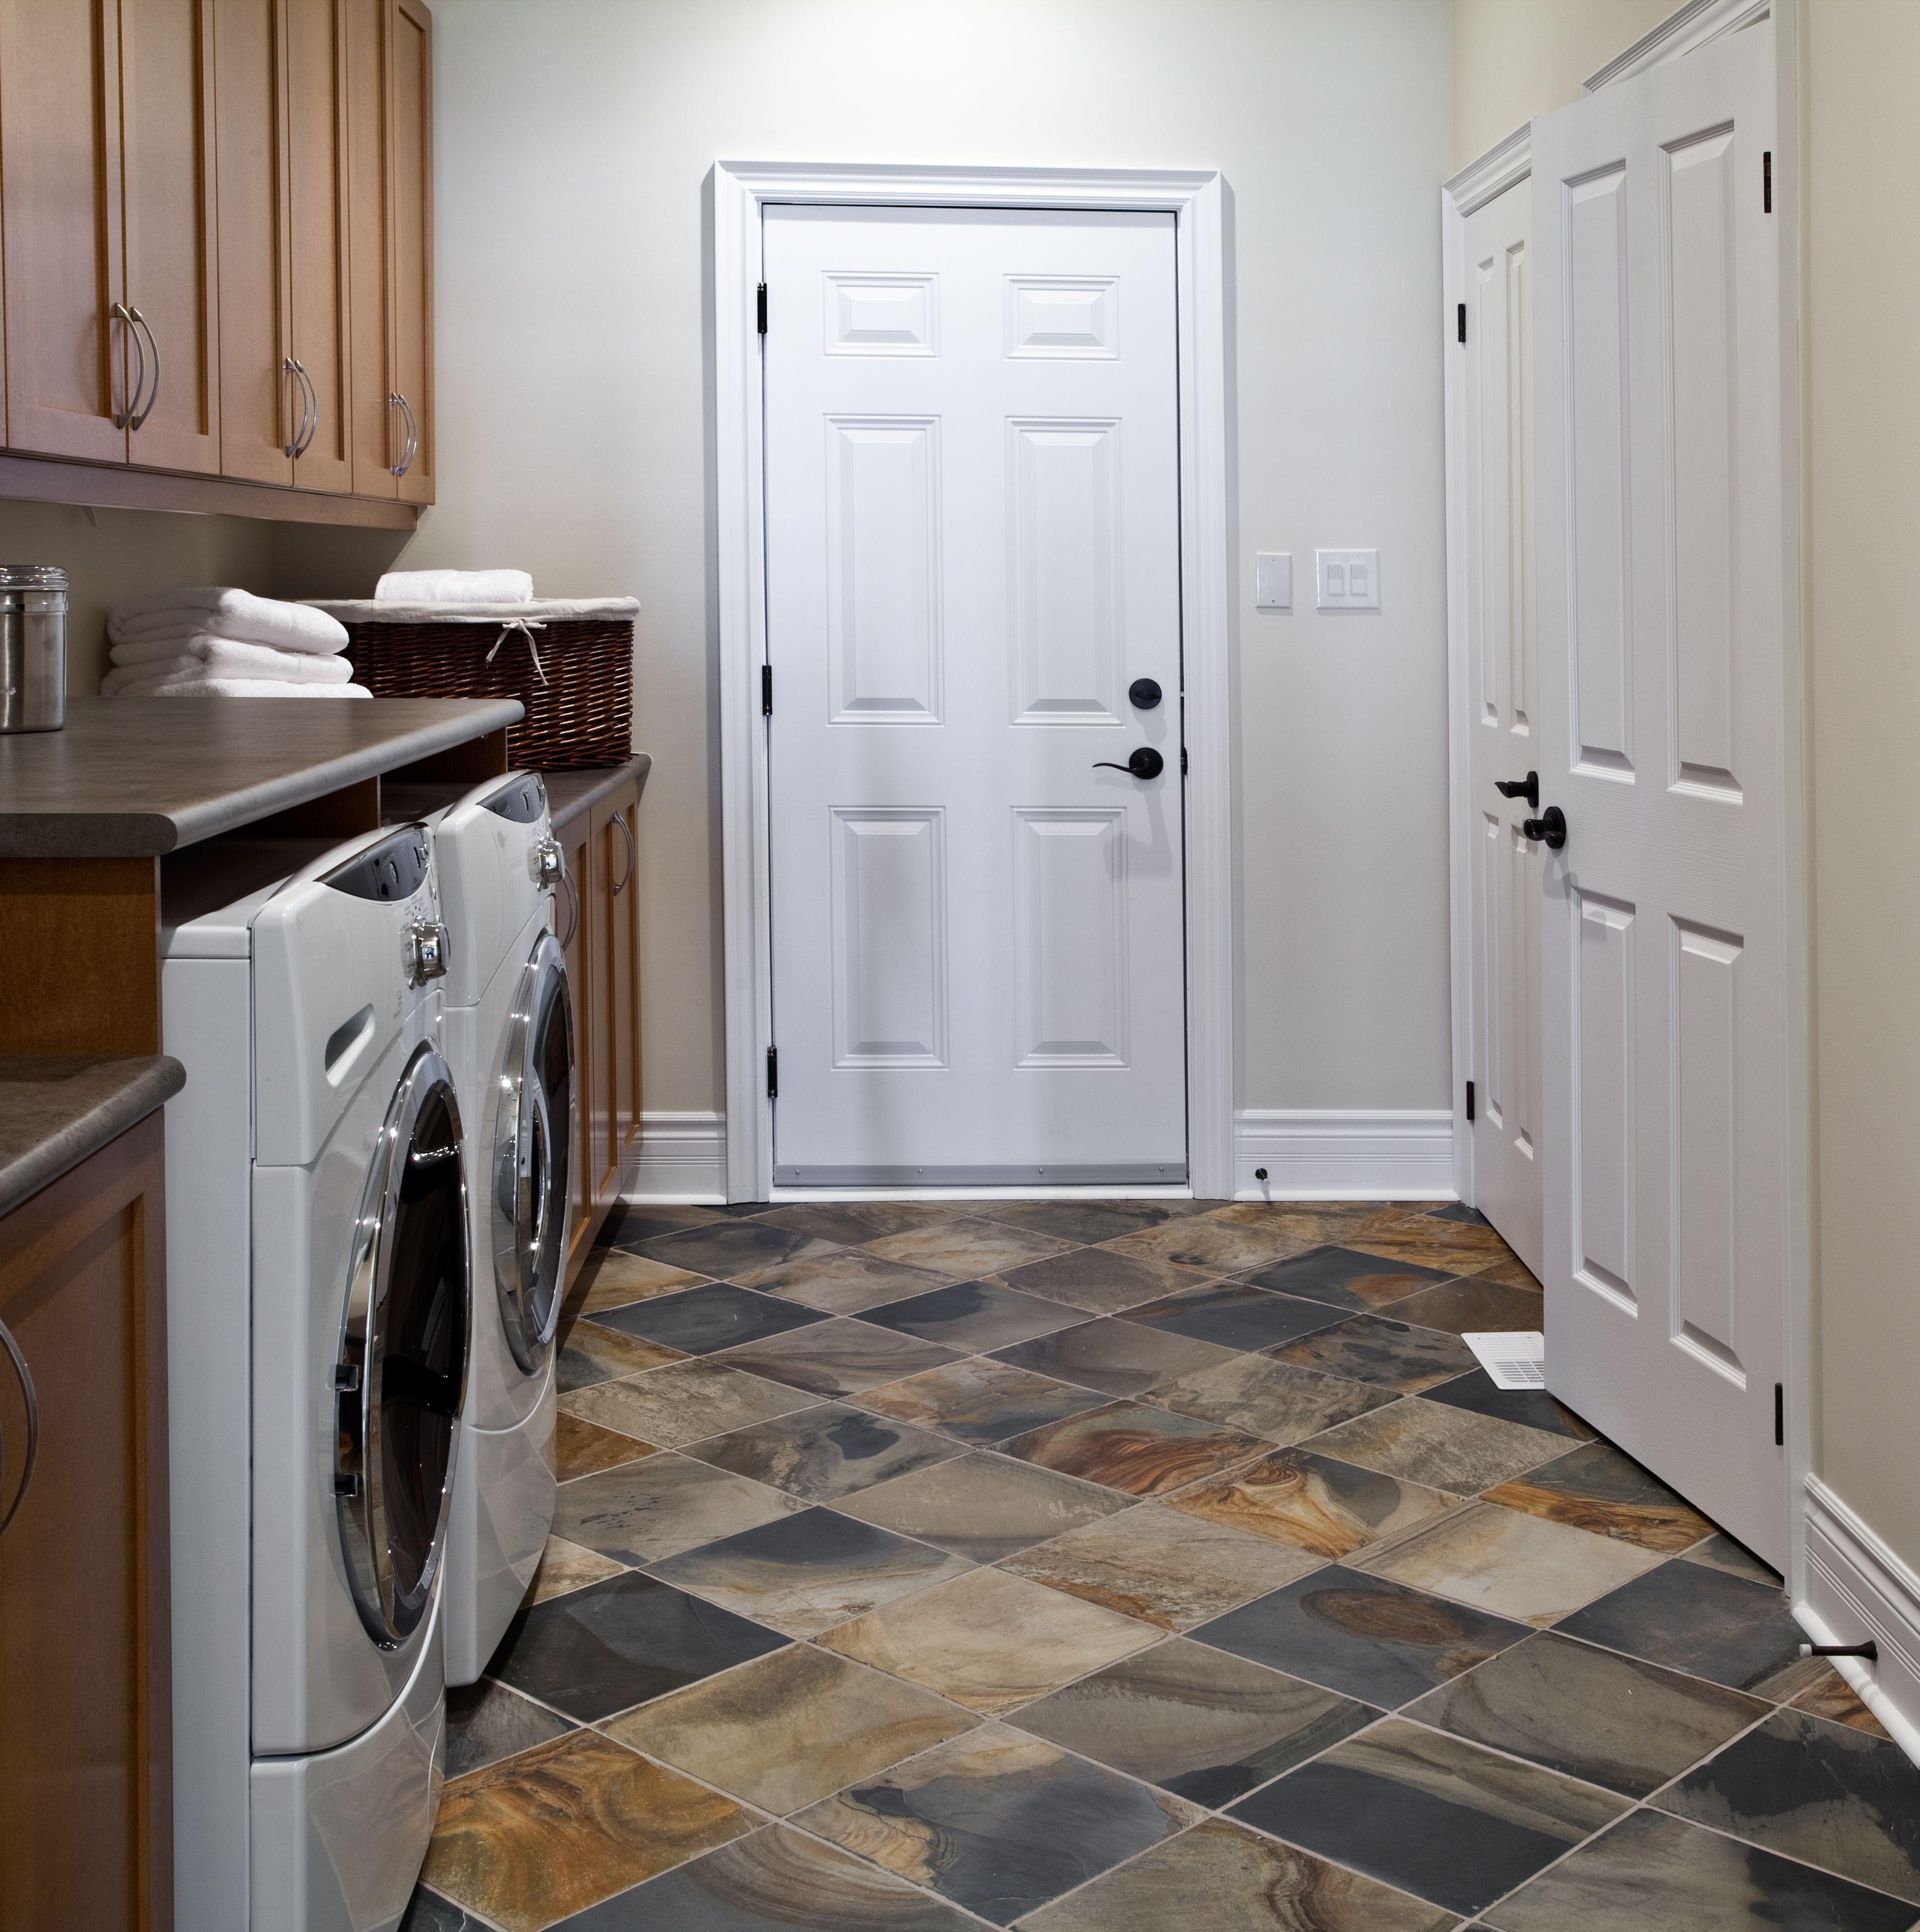 Best Flooring for Basement Laundry Room